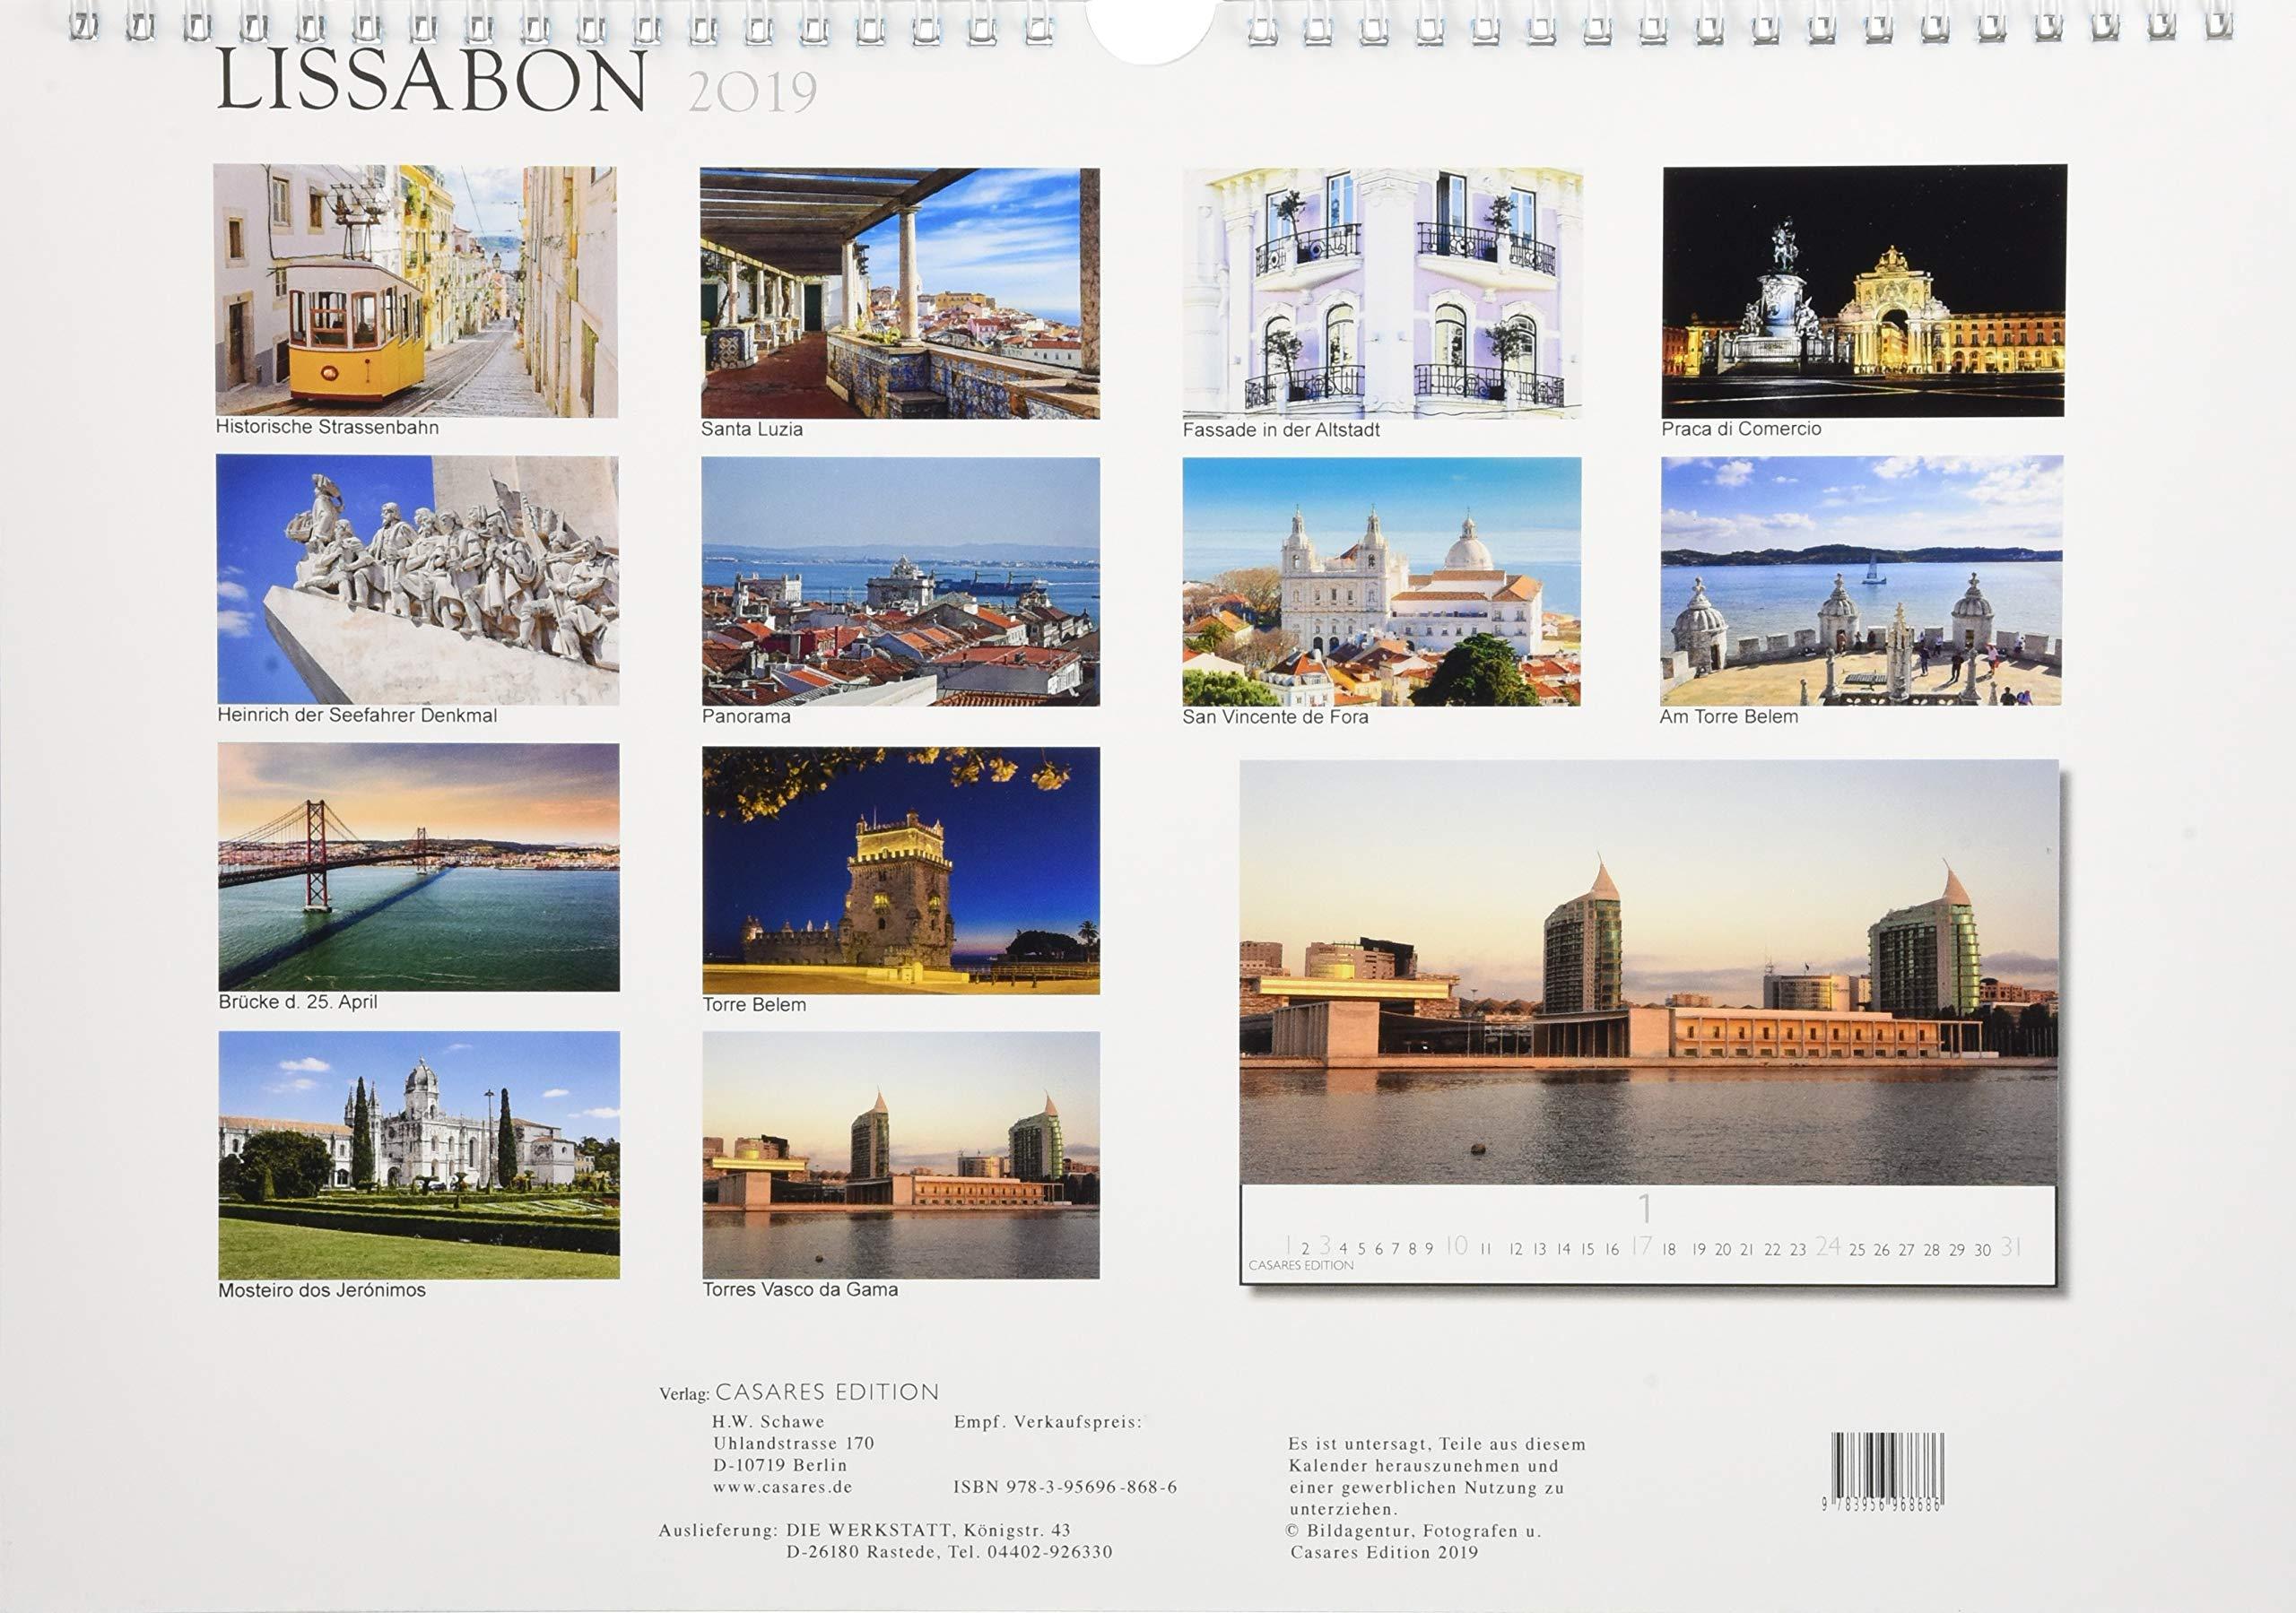 Lissabon 2019 S 35x24cm Kalender – Wandkalender, 1. März 2018 ...